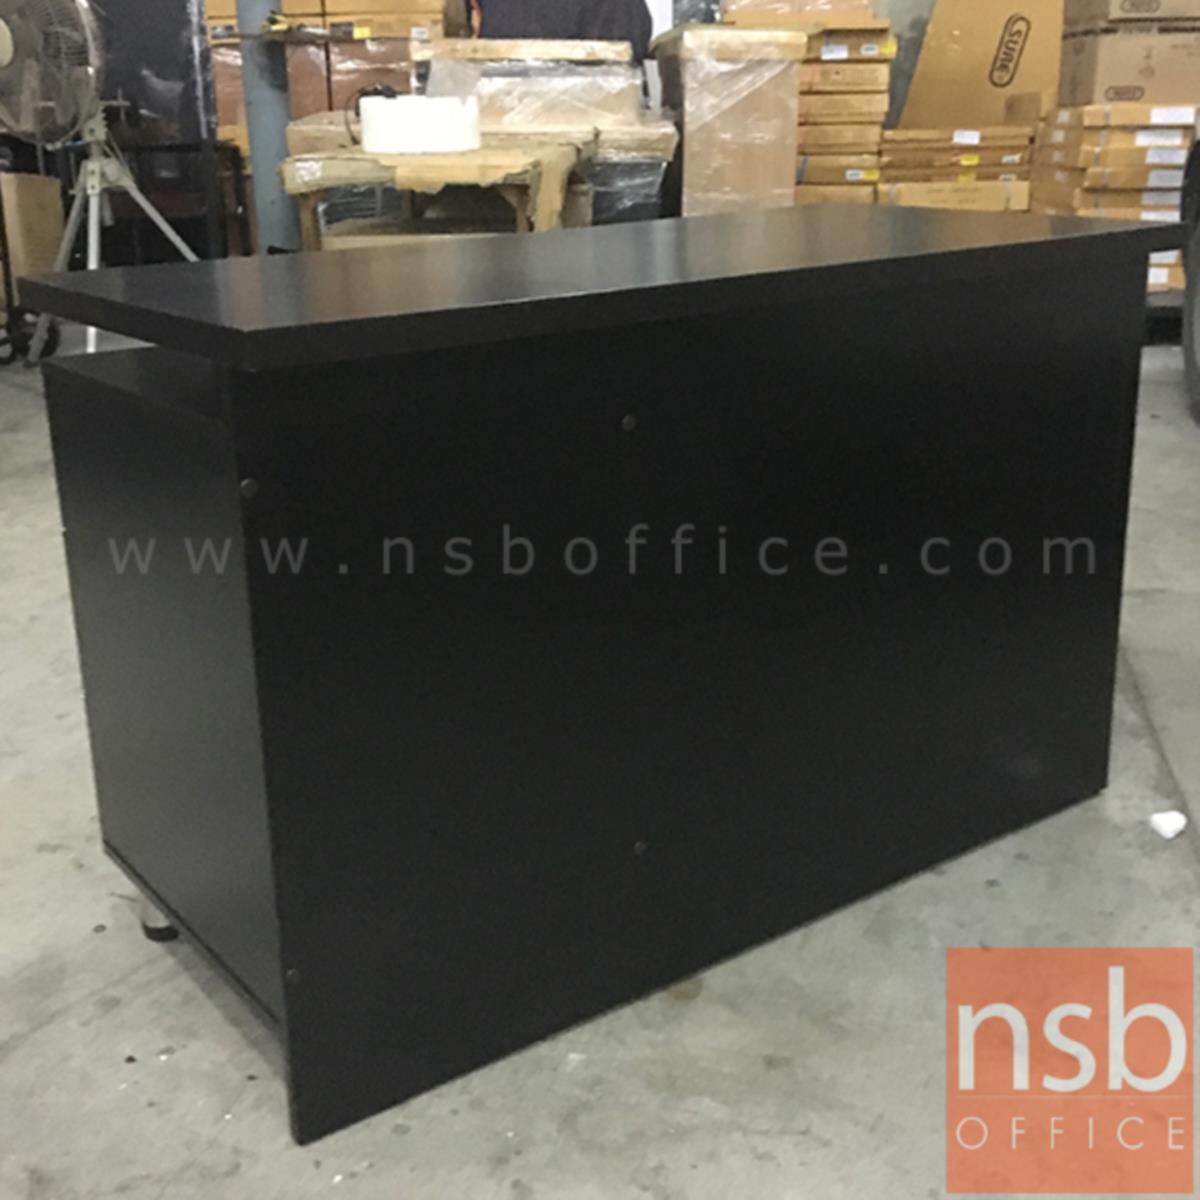 โต๊ะทำงาน 4 ลิ้นชัก  รุ่น Renner (เรนเนอร์) ขนาด 120W cm. เมลามีน